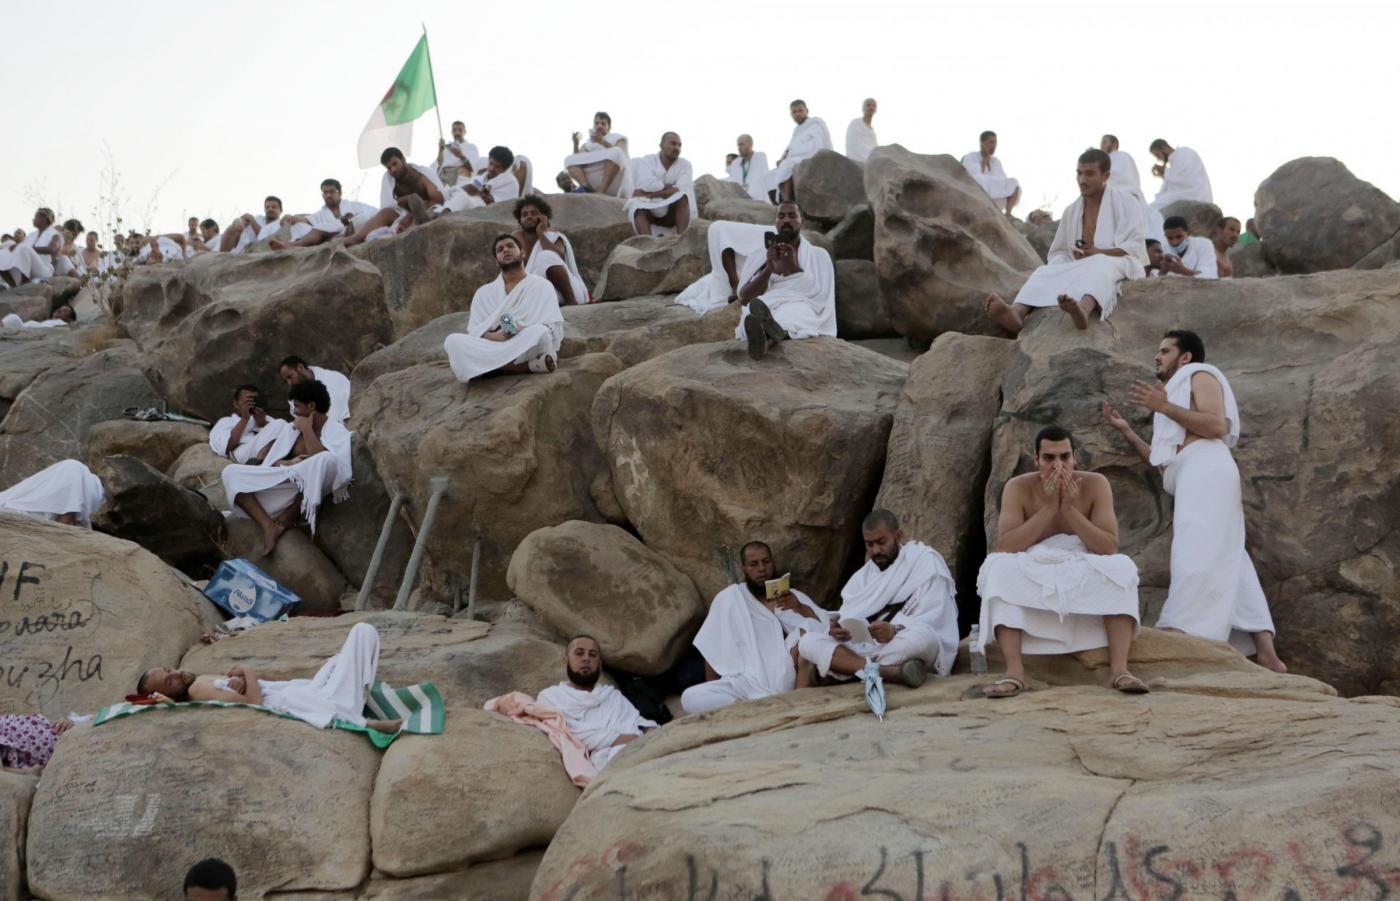 La mecca arabia saudita pellegrinaggio islamico dell for La capitale dell arabia saudita